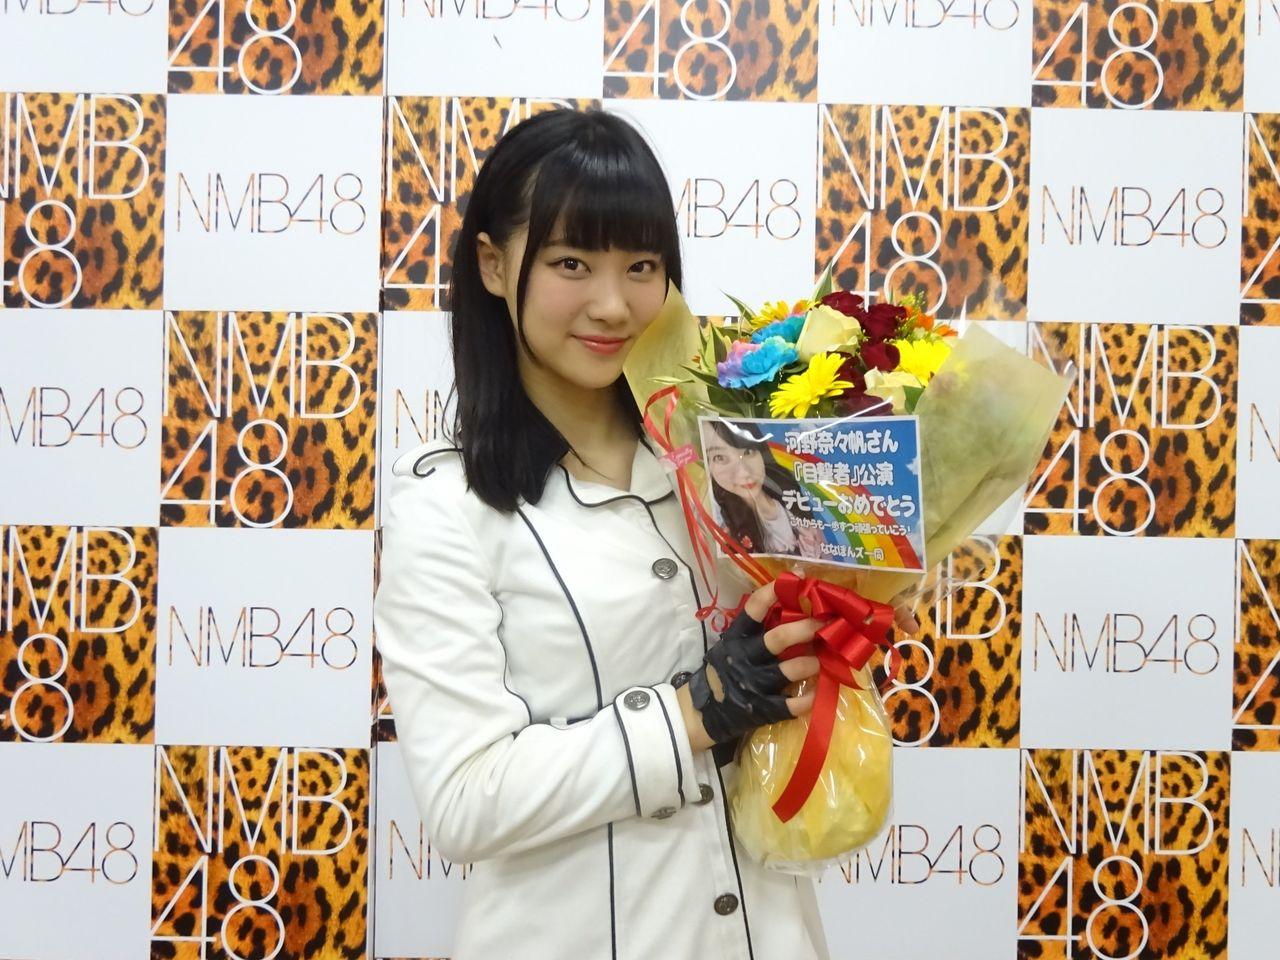 【NMB48】ドラフト3期生・河野奈々帆 が目撃者公演で最速デビュー!まとめ